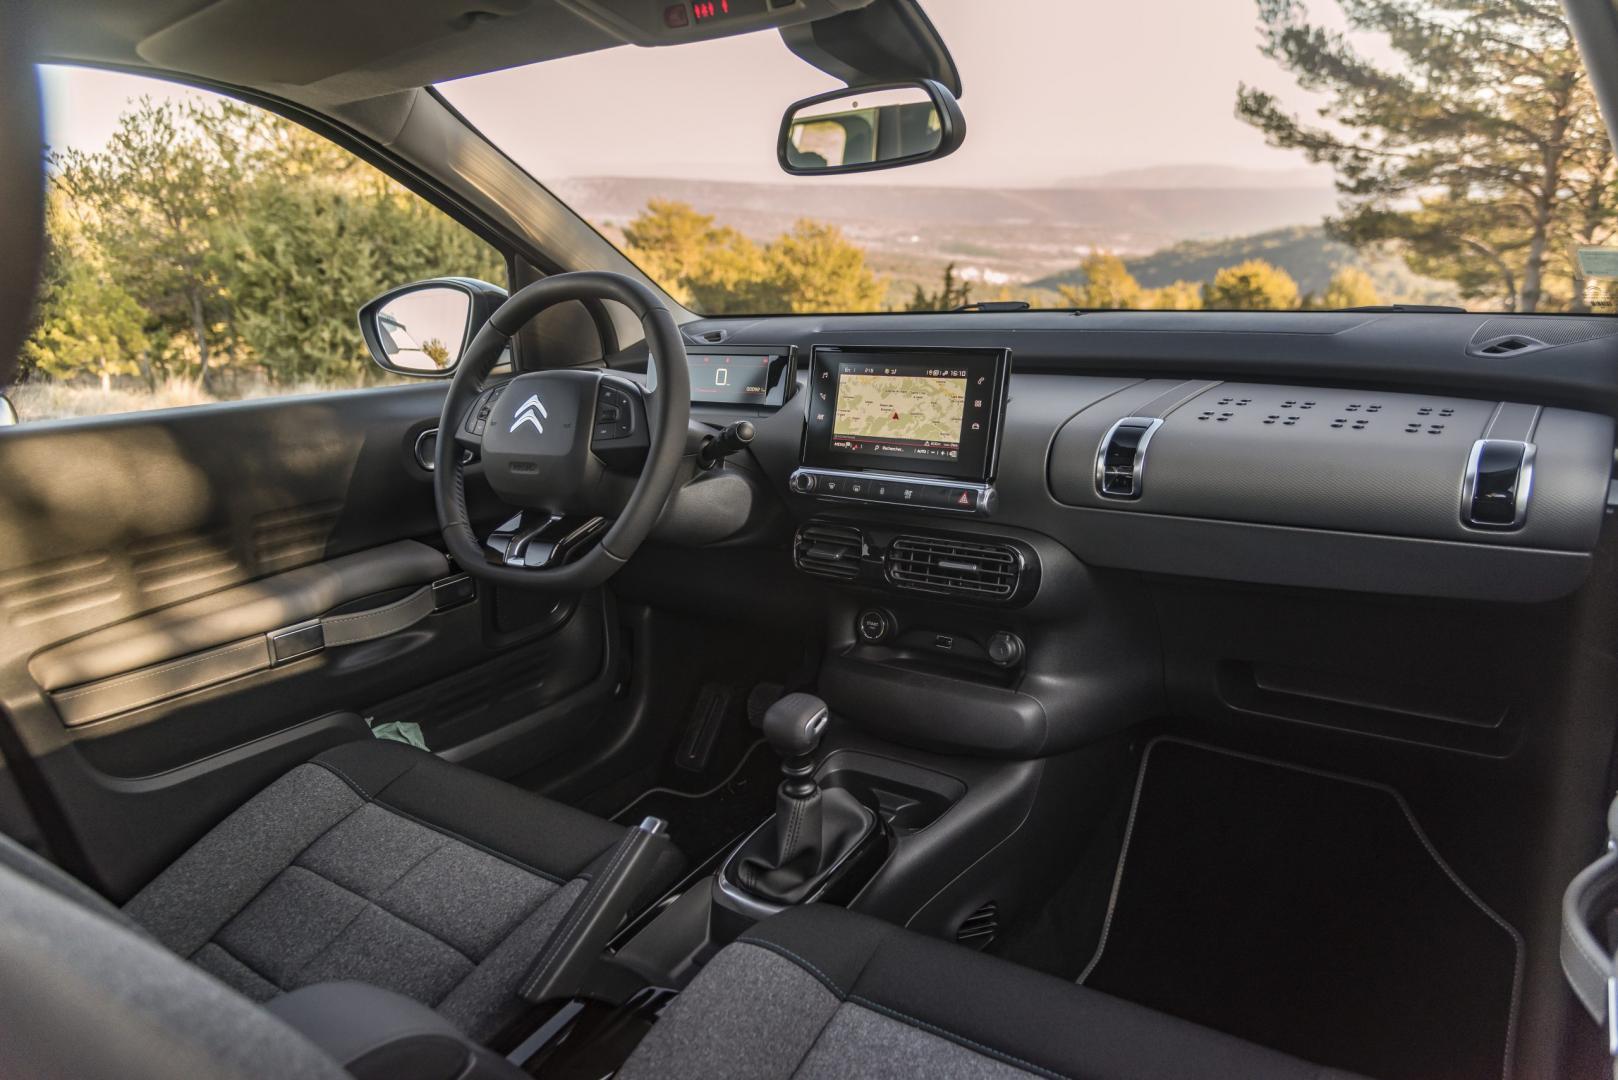 Citroën C4 Cactus PureTech 110 Business interieur (2018)